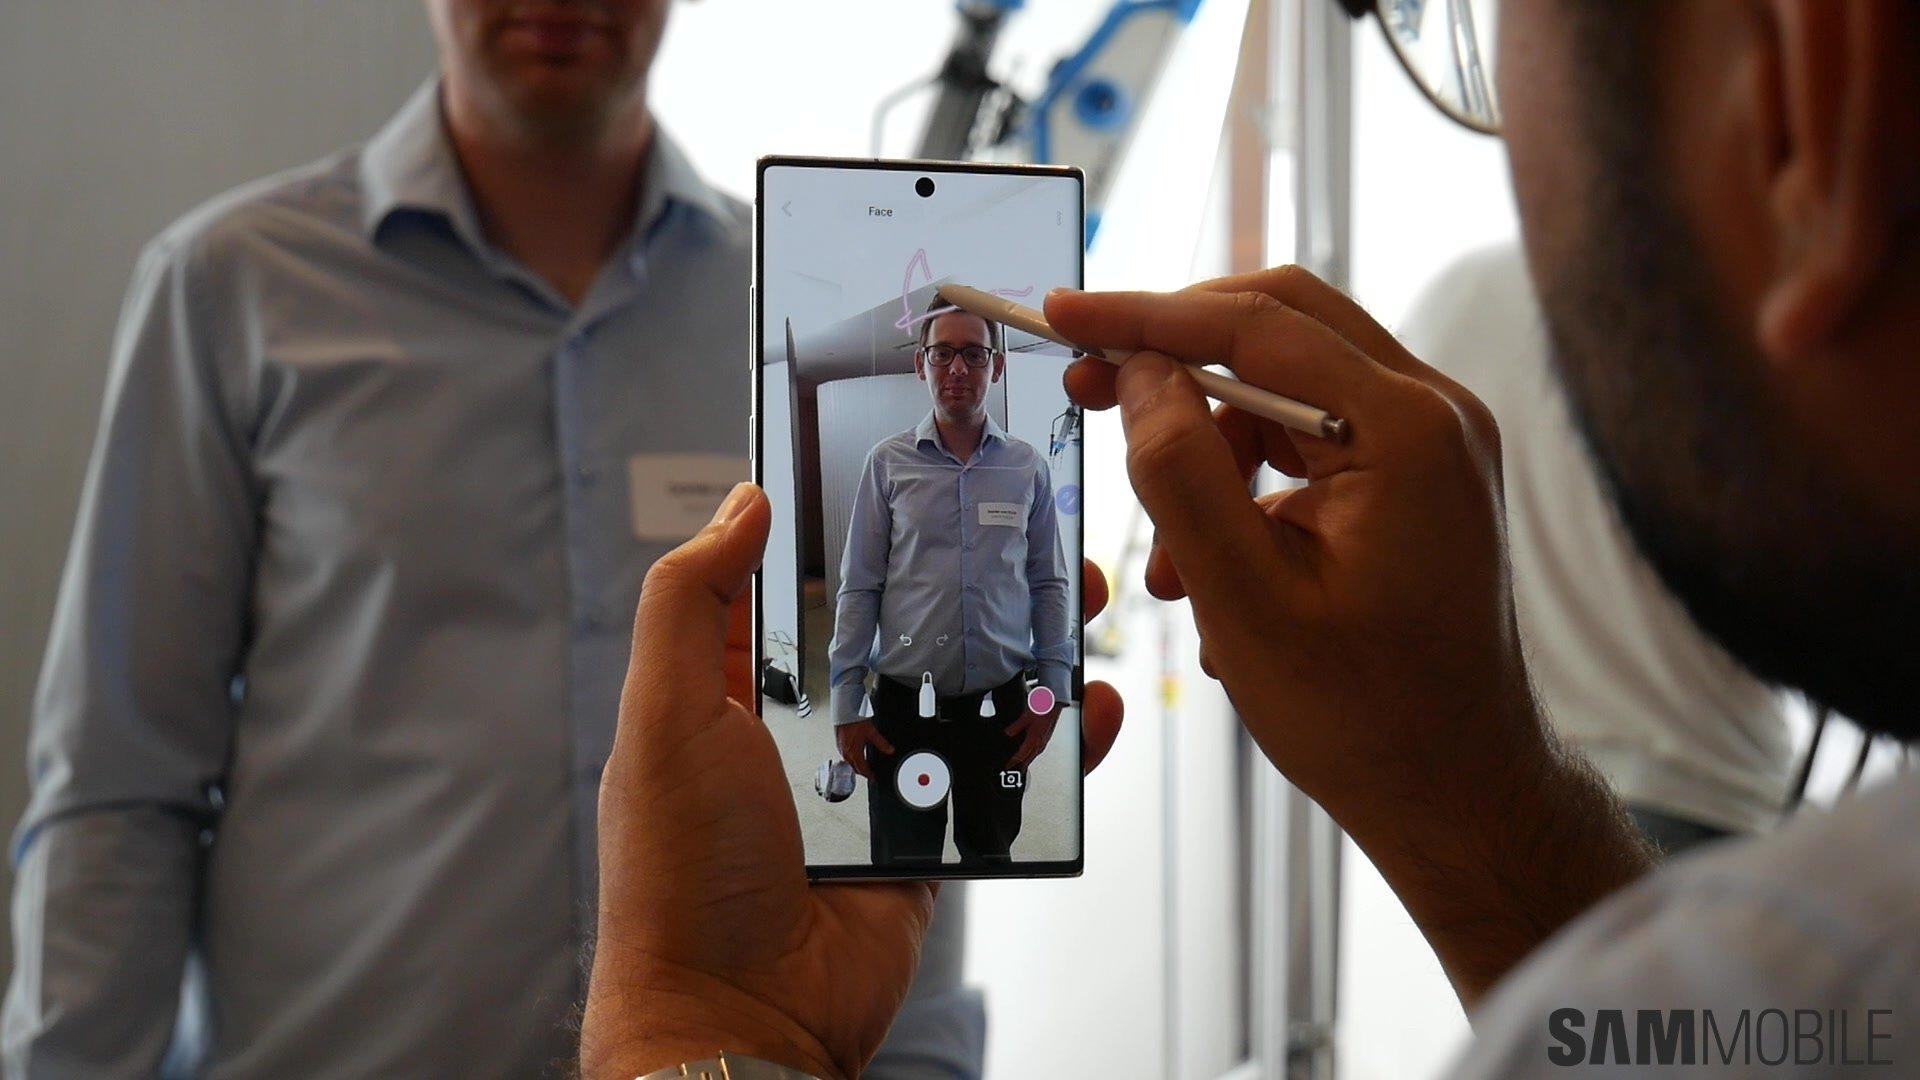 (Video) Galaxy Užitočná poznámka 10/10: 1-2 Puč Samsung 4